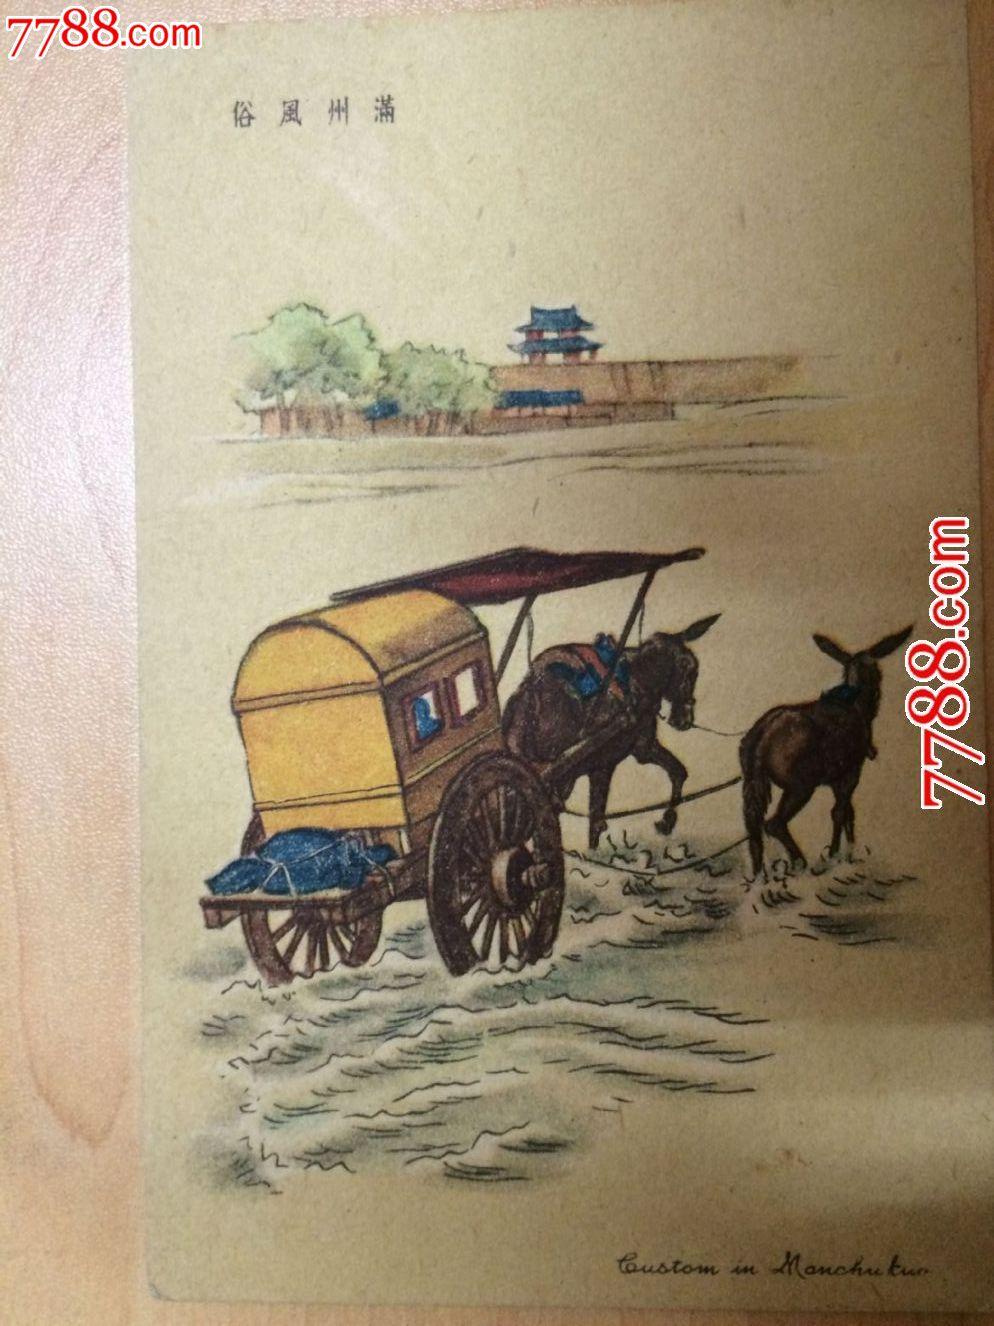 民国时期手绘彩色风俗老明信片满洲风俗马车